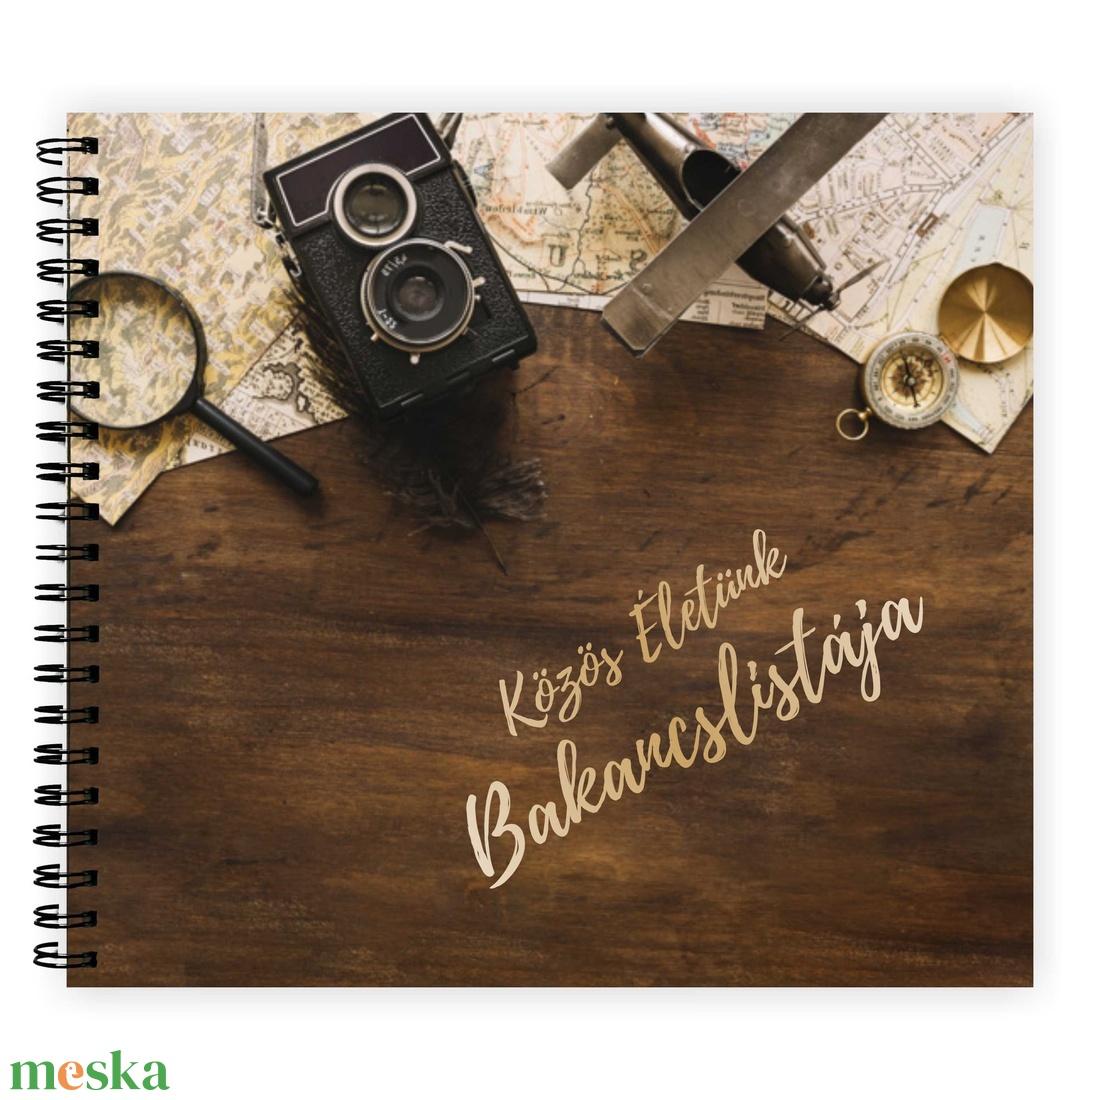 PÁRODNAK - Ajándék Férfiaknak / Ajándék Nőknek Közös Életünk Bakancslistája - ajándék album / célkitűző napló - 21x19cm - esküvő - emlék & ajándék - album & fotóalbum - Meska.hu